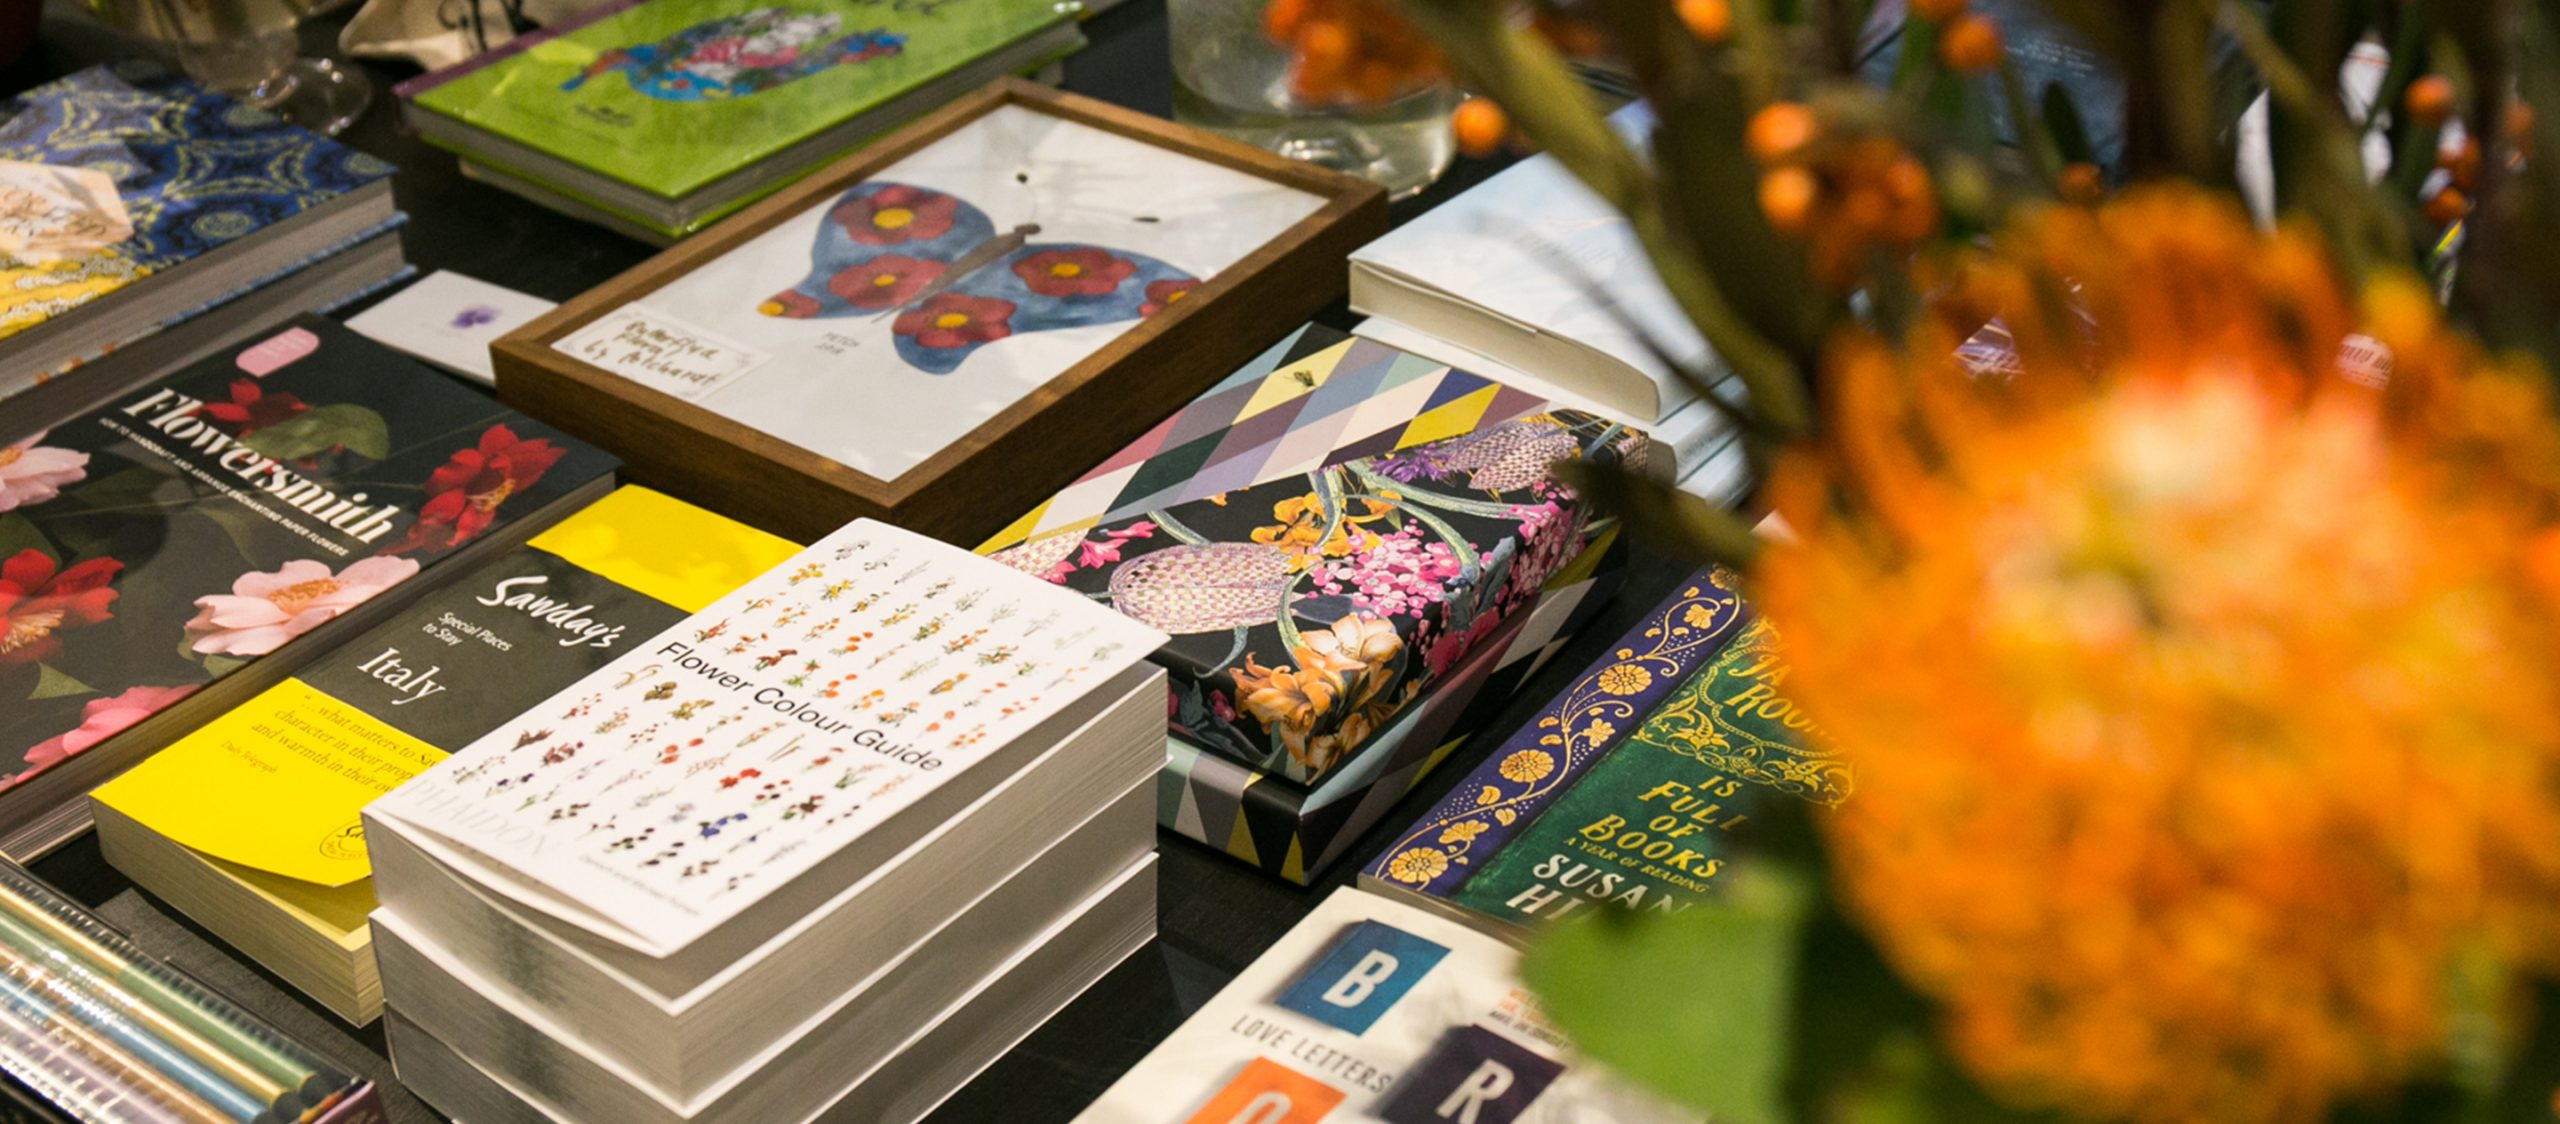 Crafted by Ploy เมื่อ พลอย จริยะเวช เปลี่ยน The Papersmith เป็นร้านหนังสือในฝัน